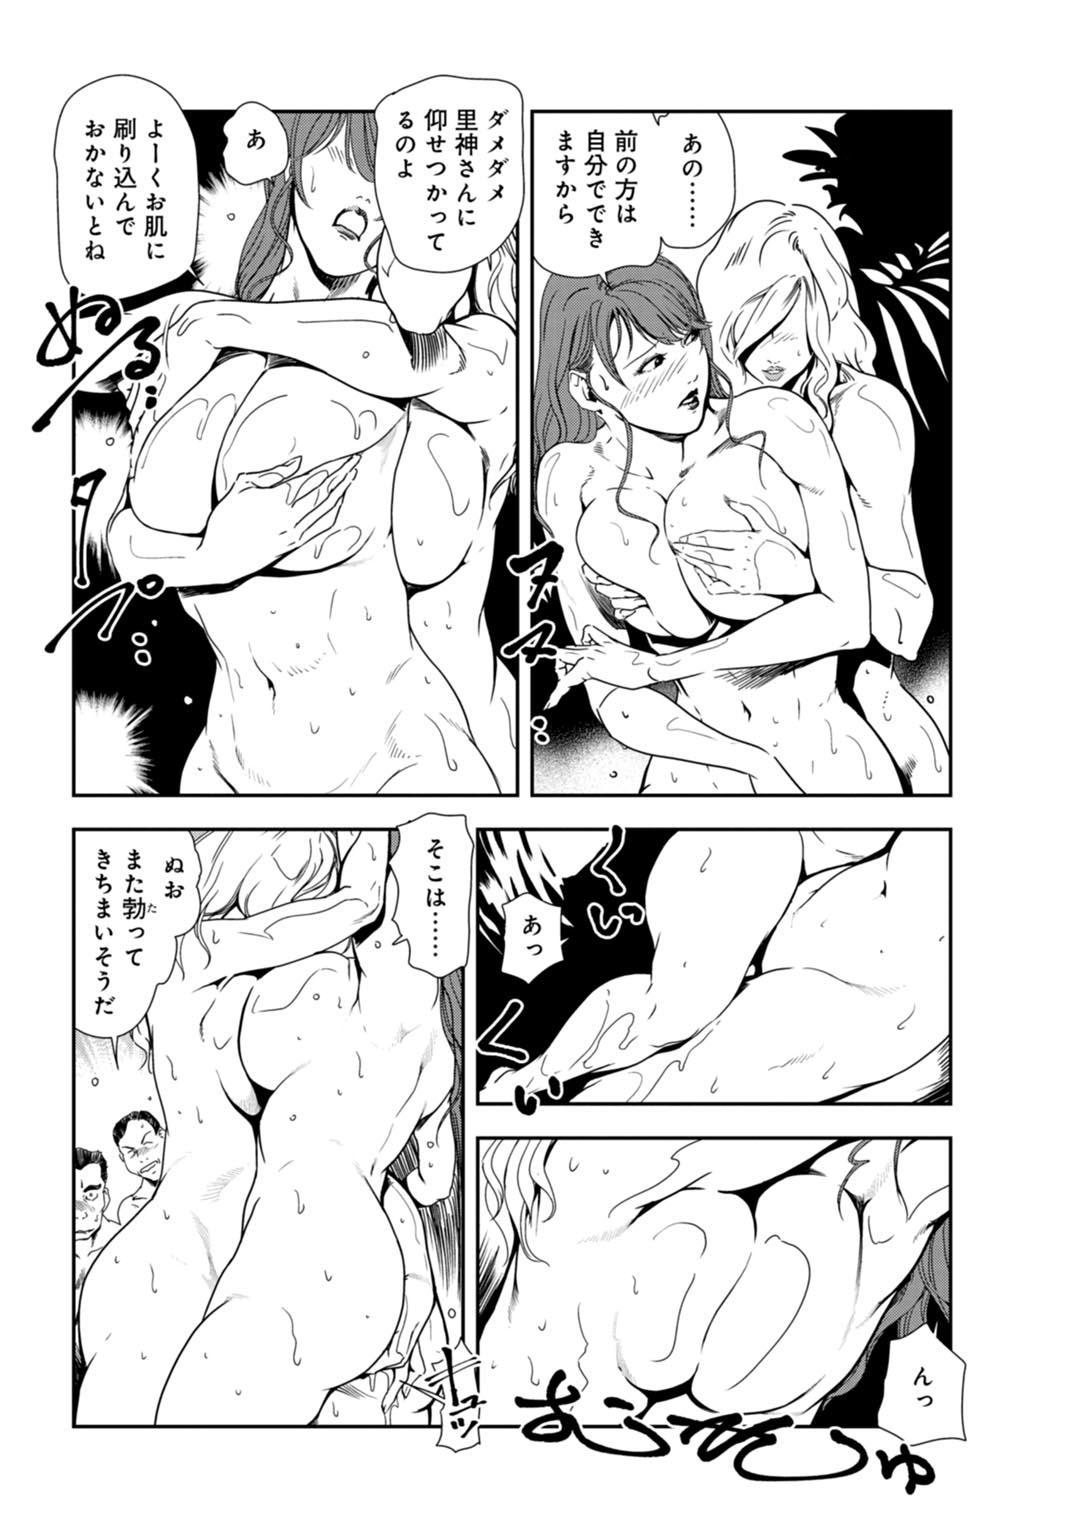 Nikuhisyo Yukiko 27 54